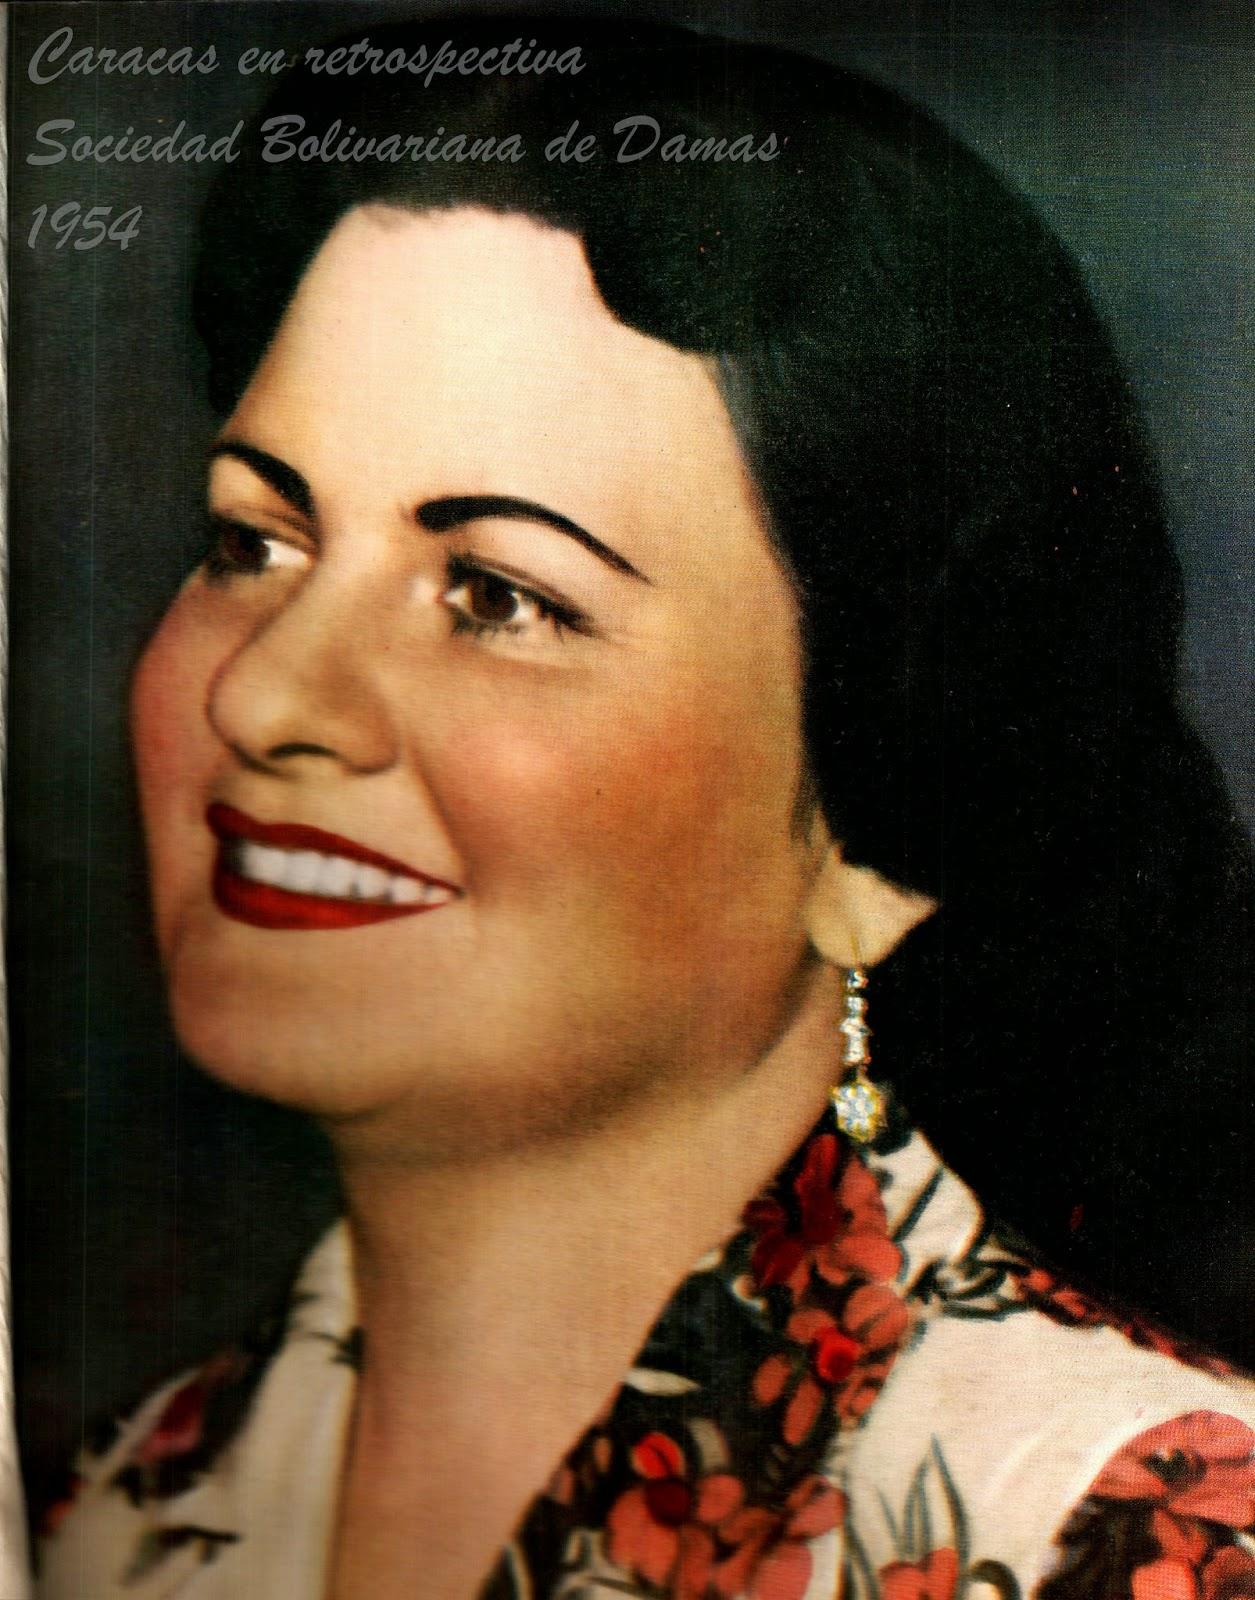 CARACAS EN RETROSPECTIVA: Flor María Chalbaud de Pérez, Primera Dama